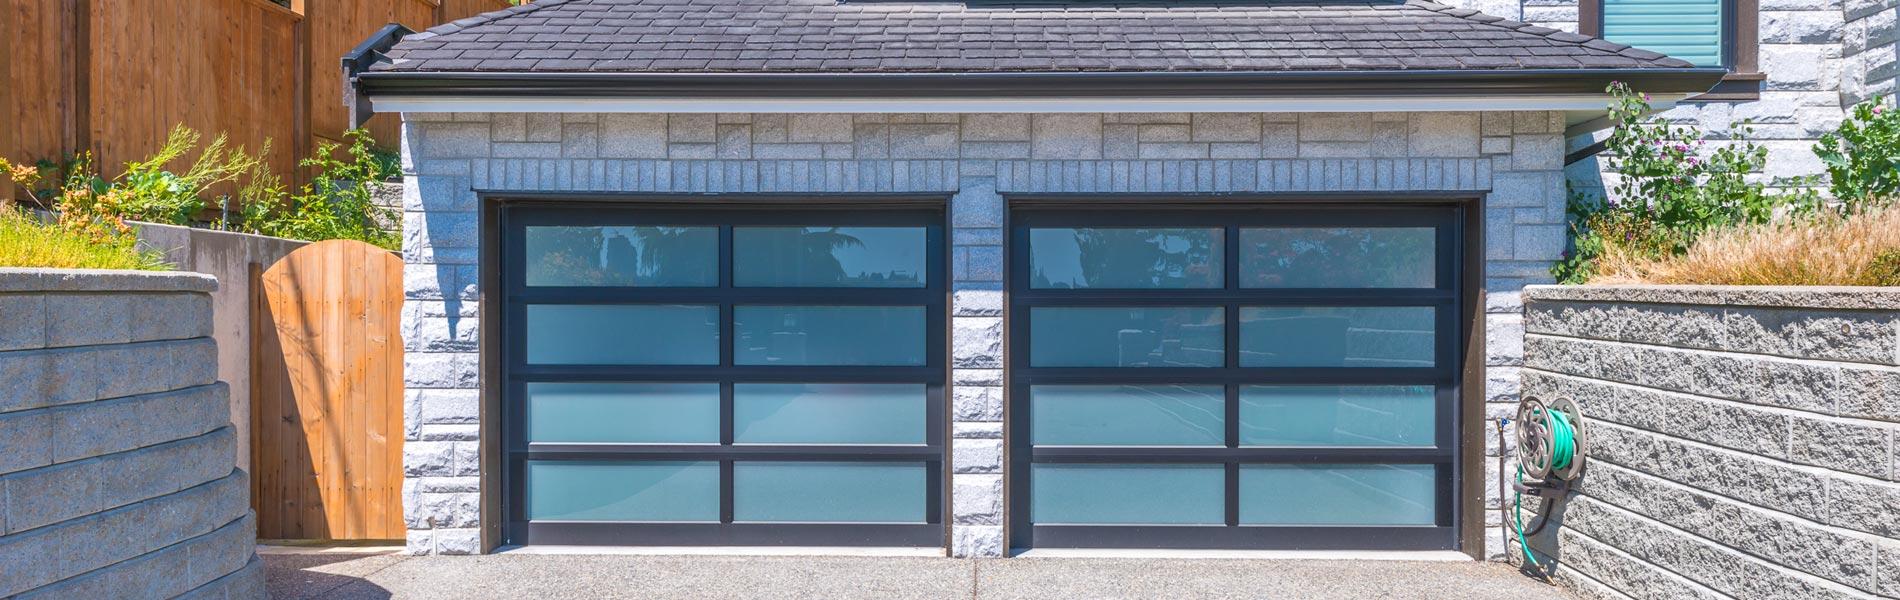 Sos Garage Door Clopay Garage Door Service Weston Fl